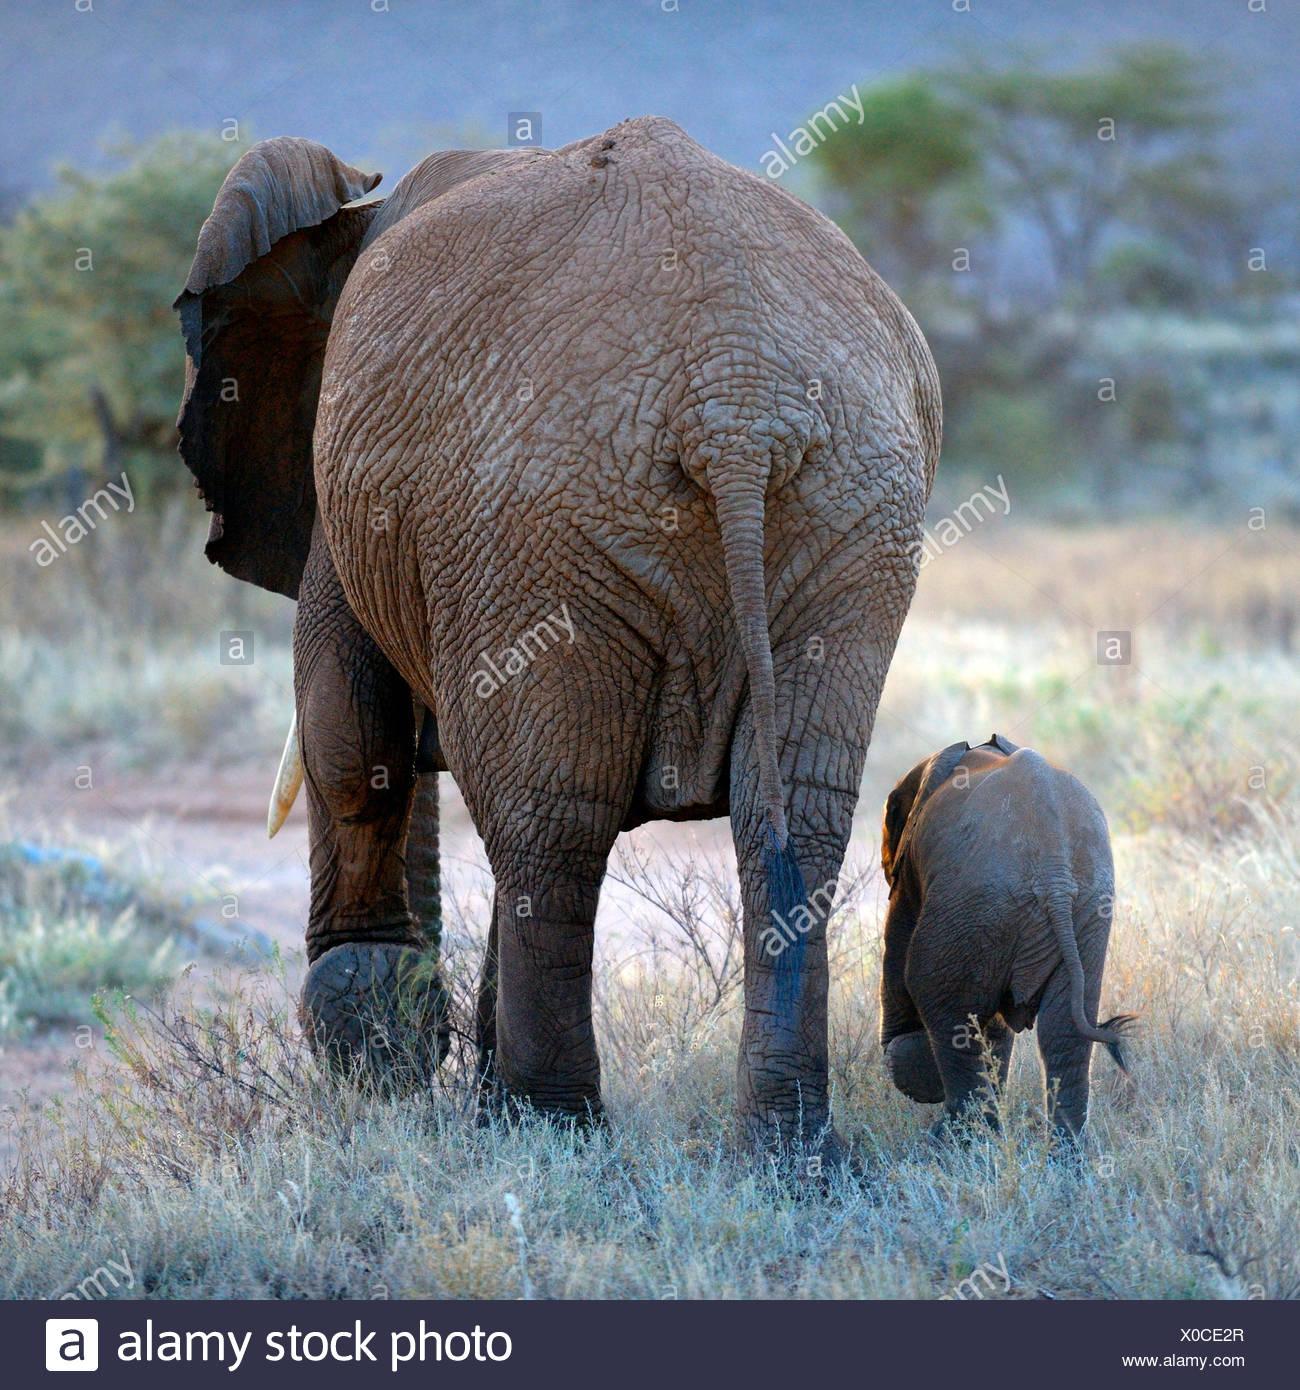 Afrikanischer Elefant (Loxodonta Africana), Rückseite Blick auf eine Frau und ihr Welpe zu Fuß Gleichschritt, Kenya, Samburu National Reserve Stockbild